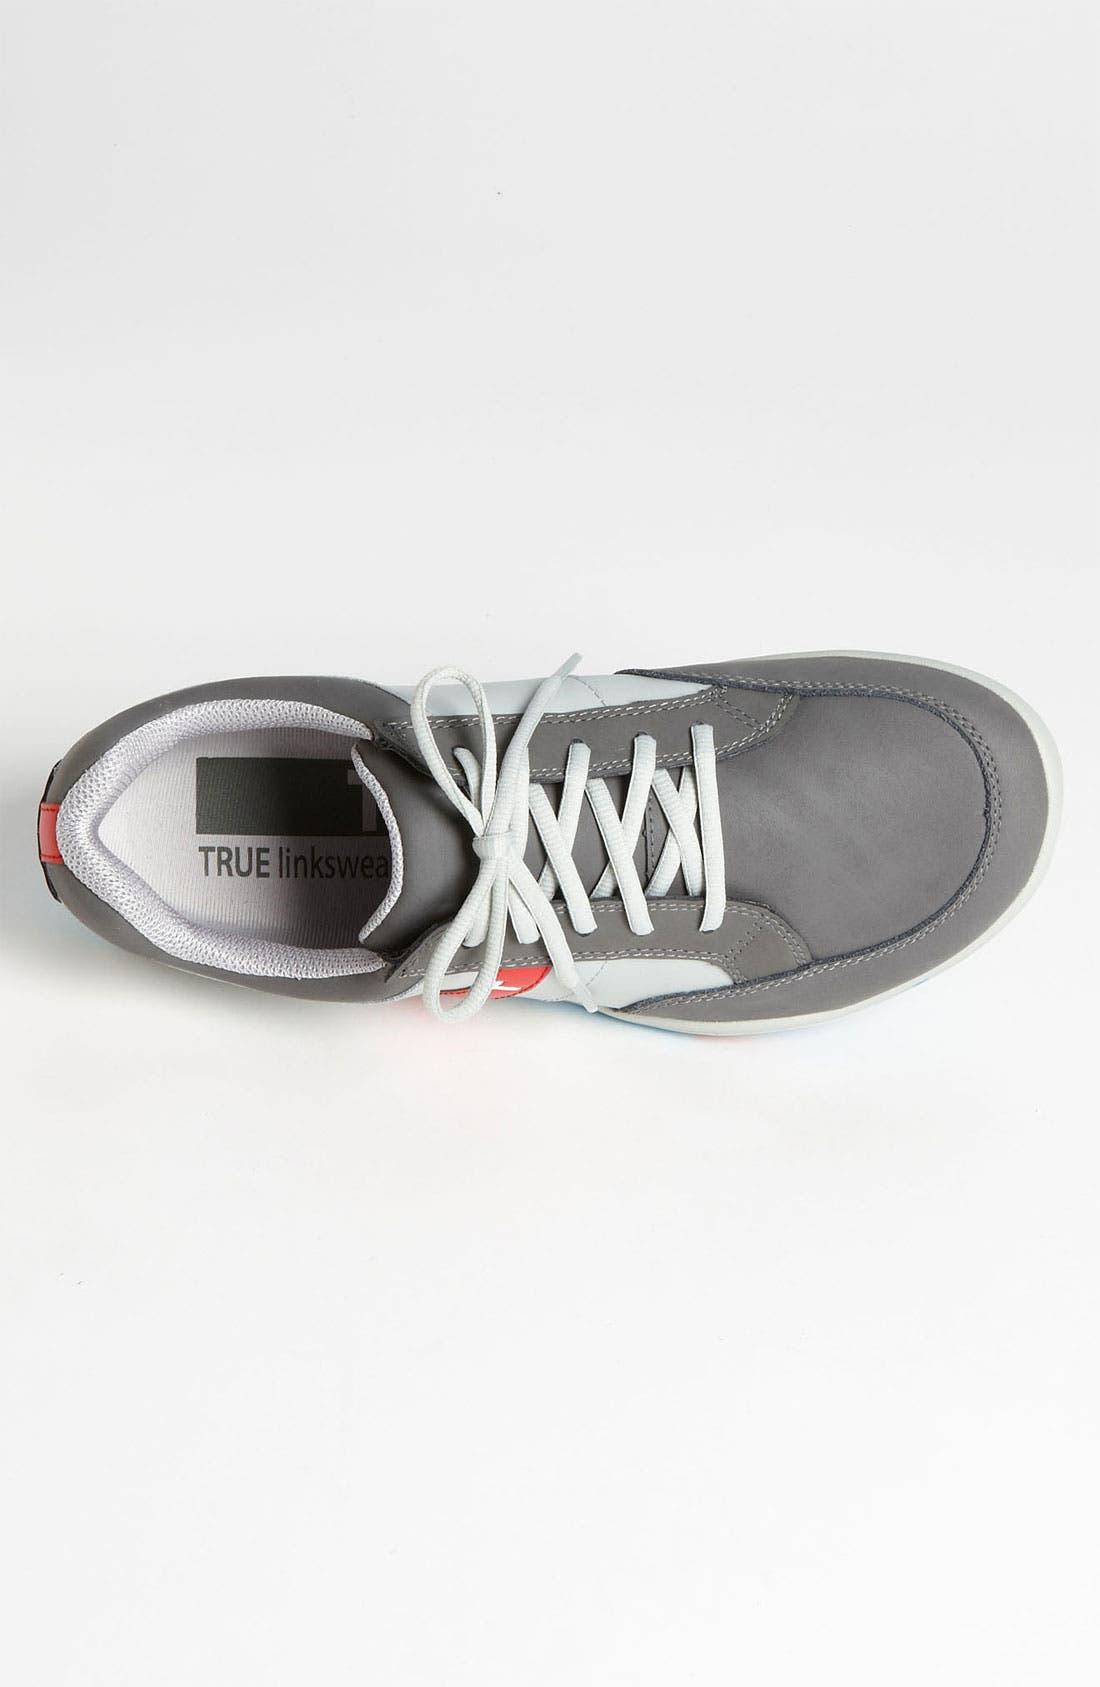 Alternate Image 3  - TRUE linkswear 'TRUE phx' Golf Shoe (Men)